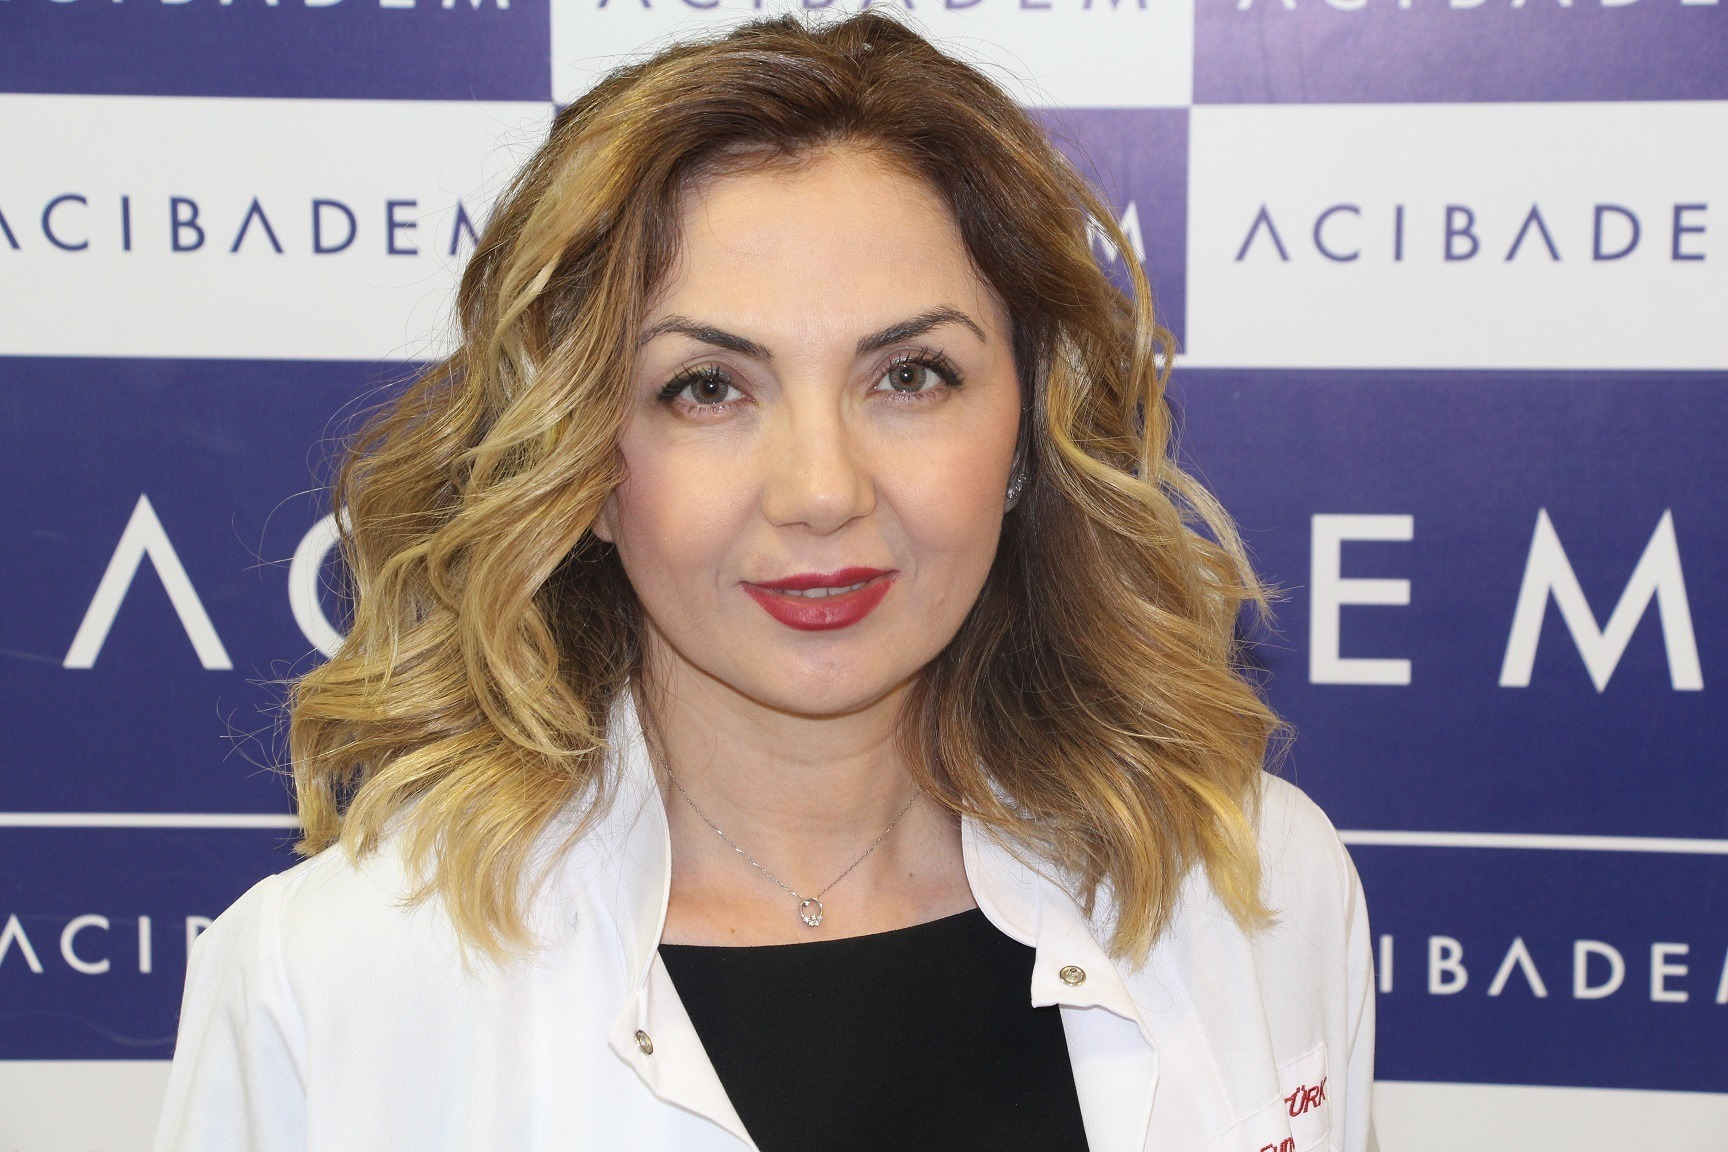 Acıbadem Kadıköy Hastanesi Kadın Hastalıkları ve Doğum Uzmanı Dr. Funda Öztürk